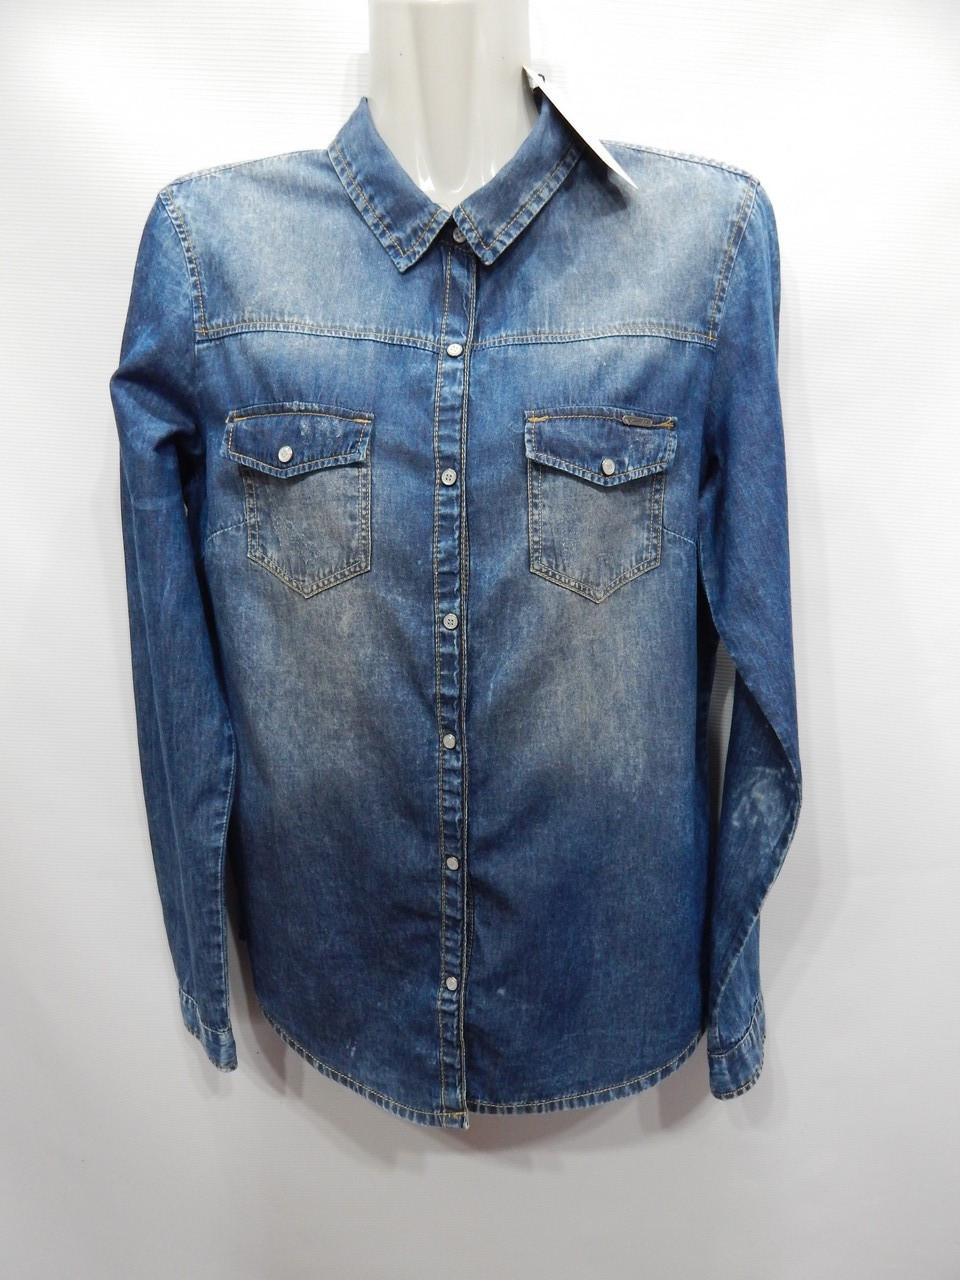 Блуза-рубашка  джинсовая женская Bershka 46-48р.137ж